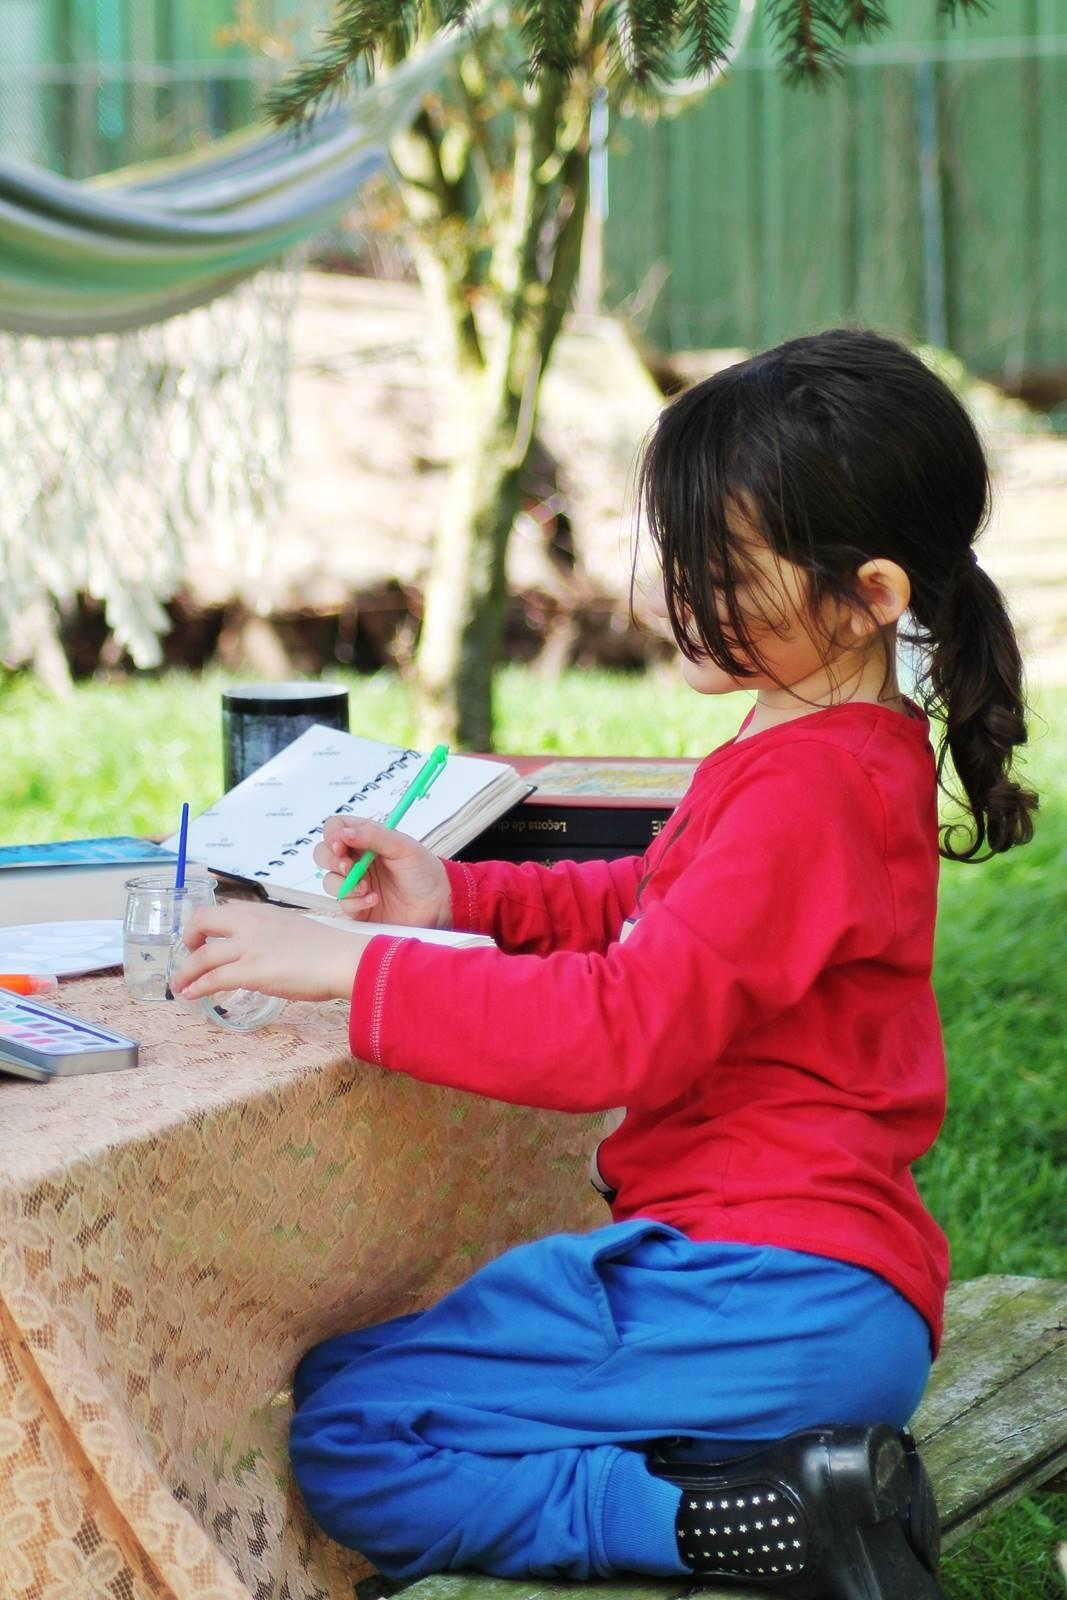 Recencement nature enfant jardinrecencement 12